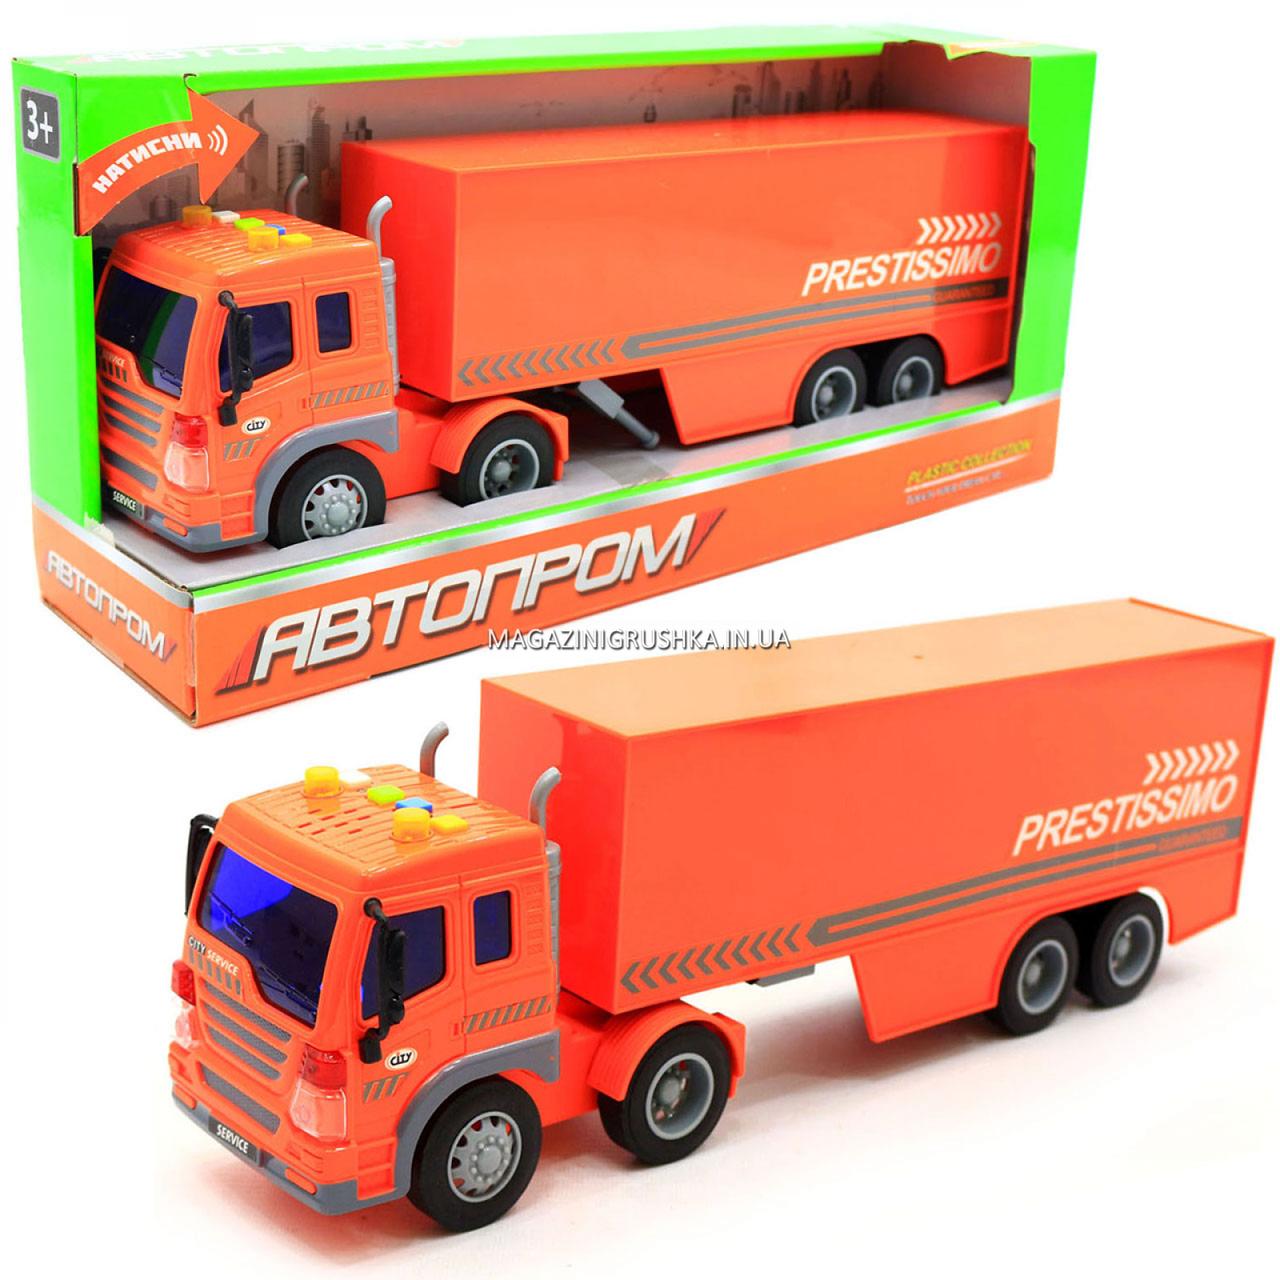 Машинка игровая Автопром «Трейлер» оранжевый со световыми и звуковыми эффектами, 39 см (7921AB)